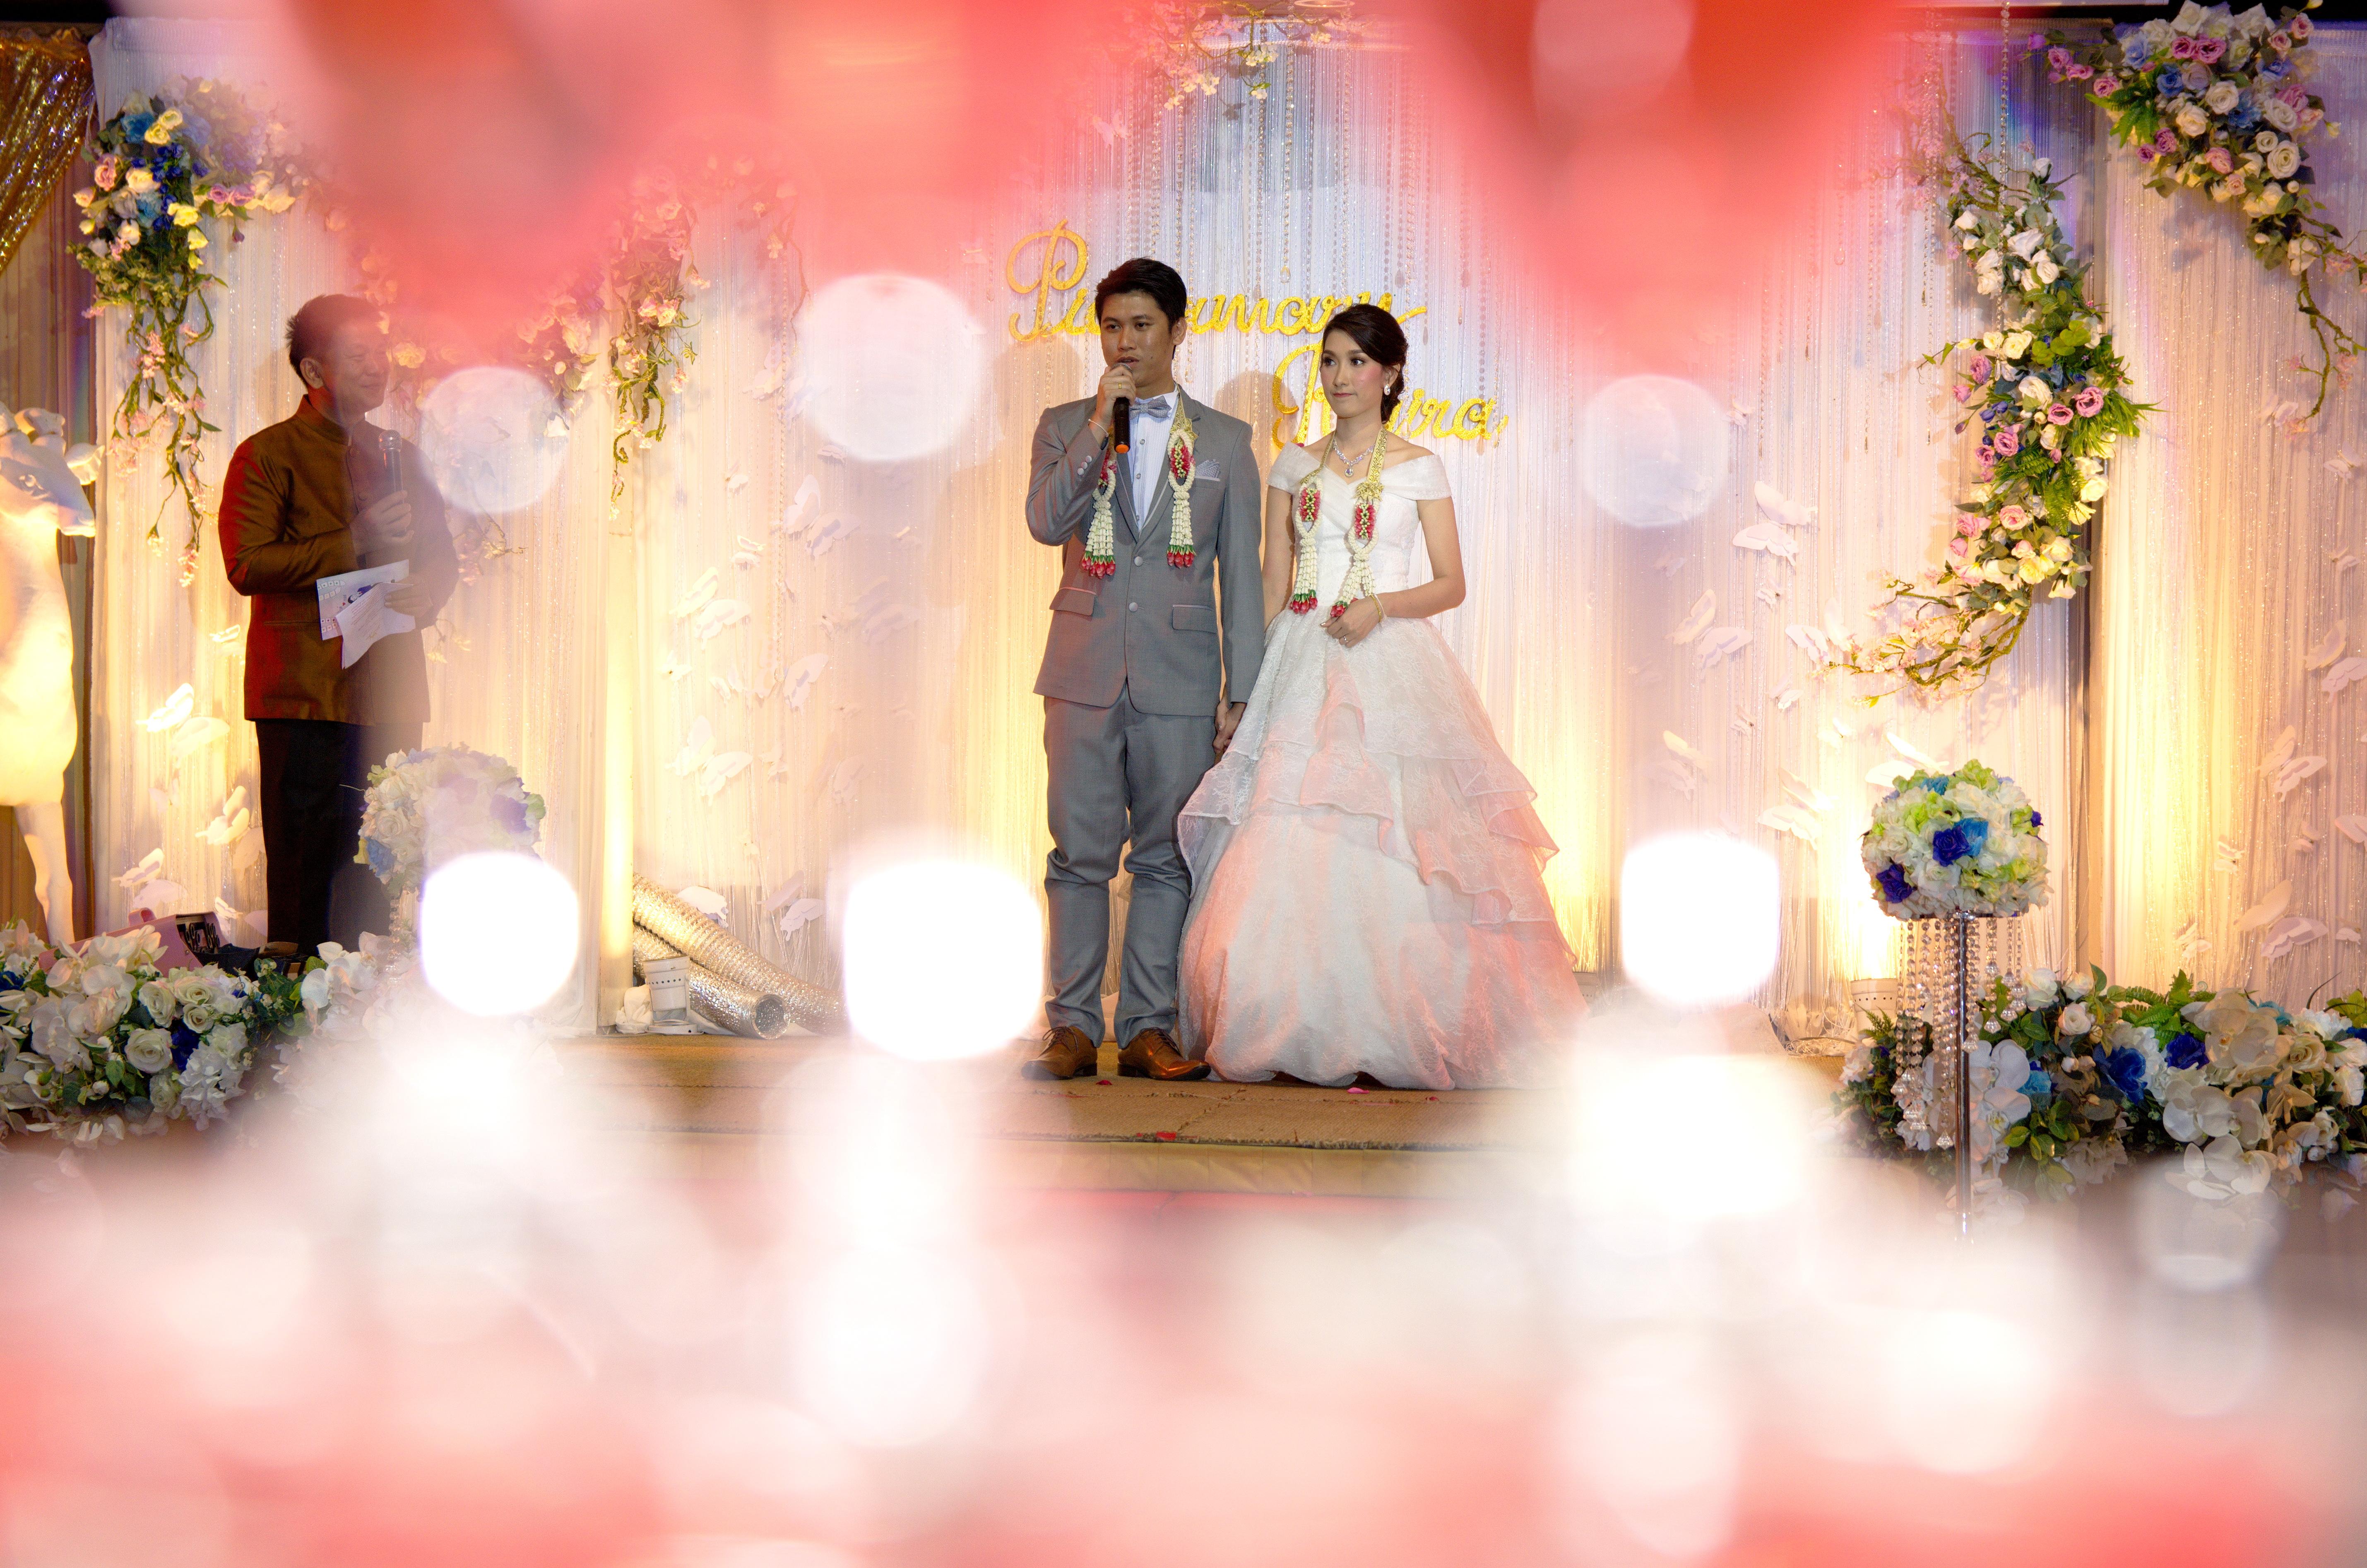 บรรยากาศงานแต่งงาน